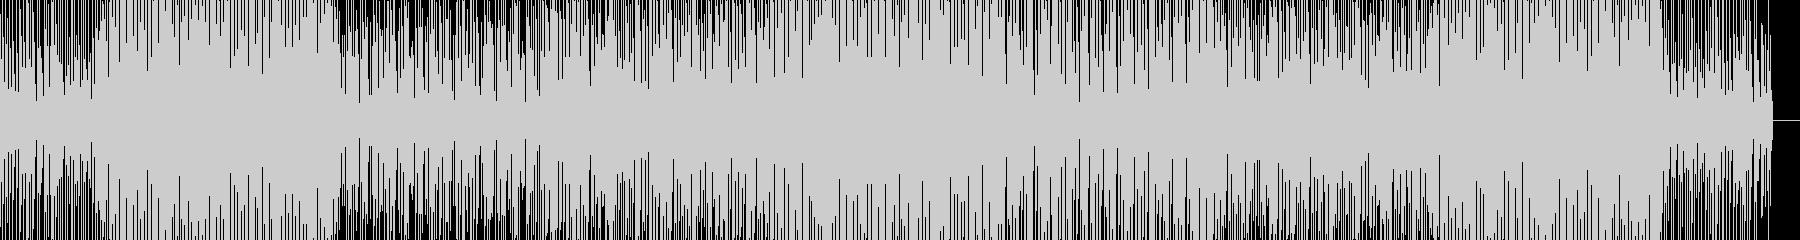 不気味でカッコイイHIPHOP楽曲の未再生の波形